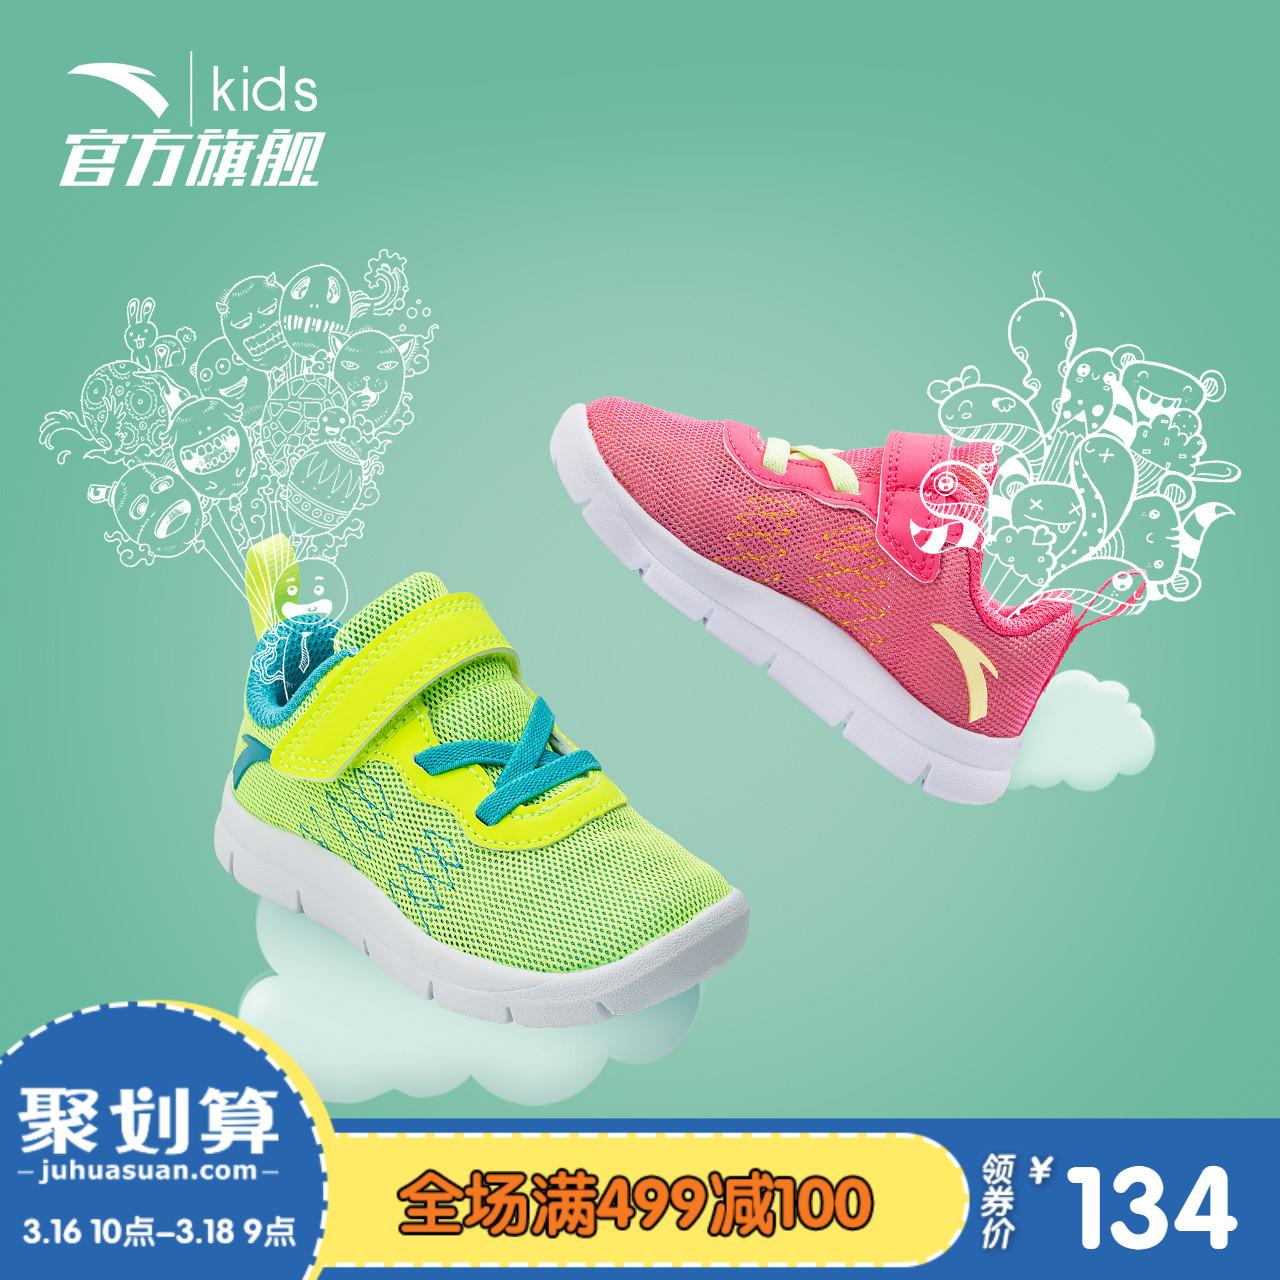 Тихо наступать обувь мужской и женщины ребенок малыш обувь весна на липучках младенец дети младенец младенец мягкое дно спортивной обуви сын